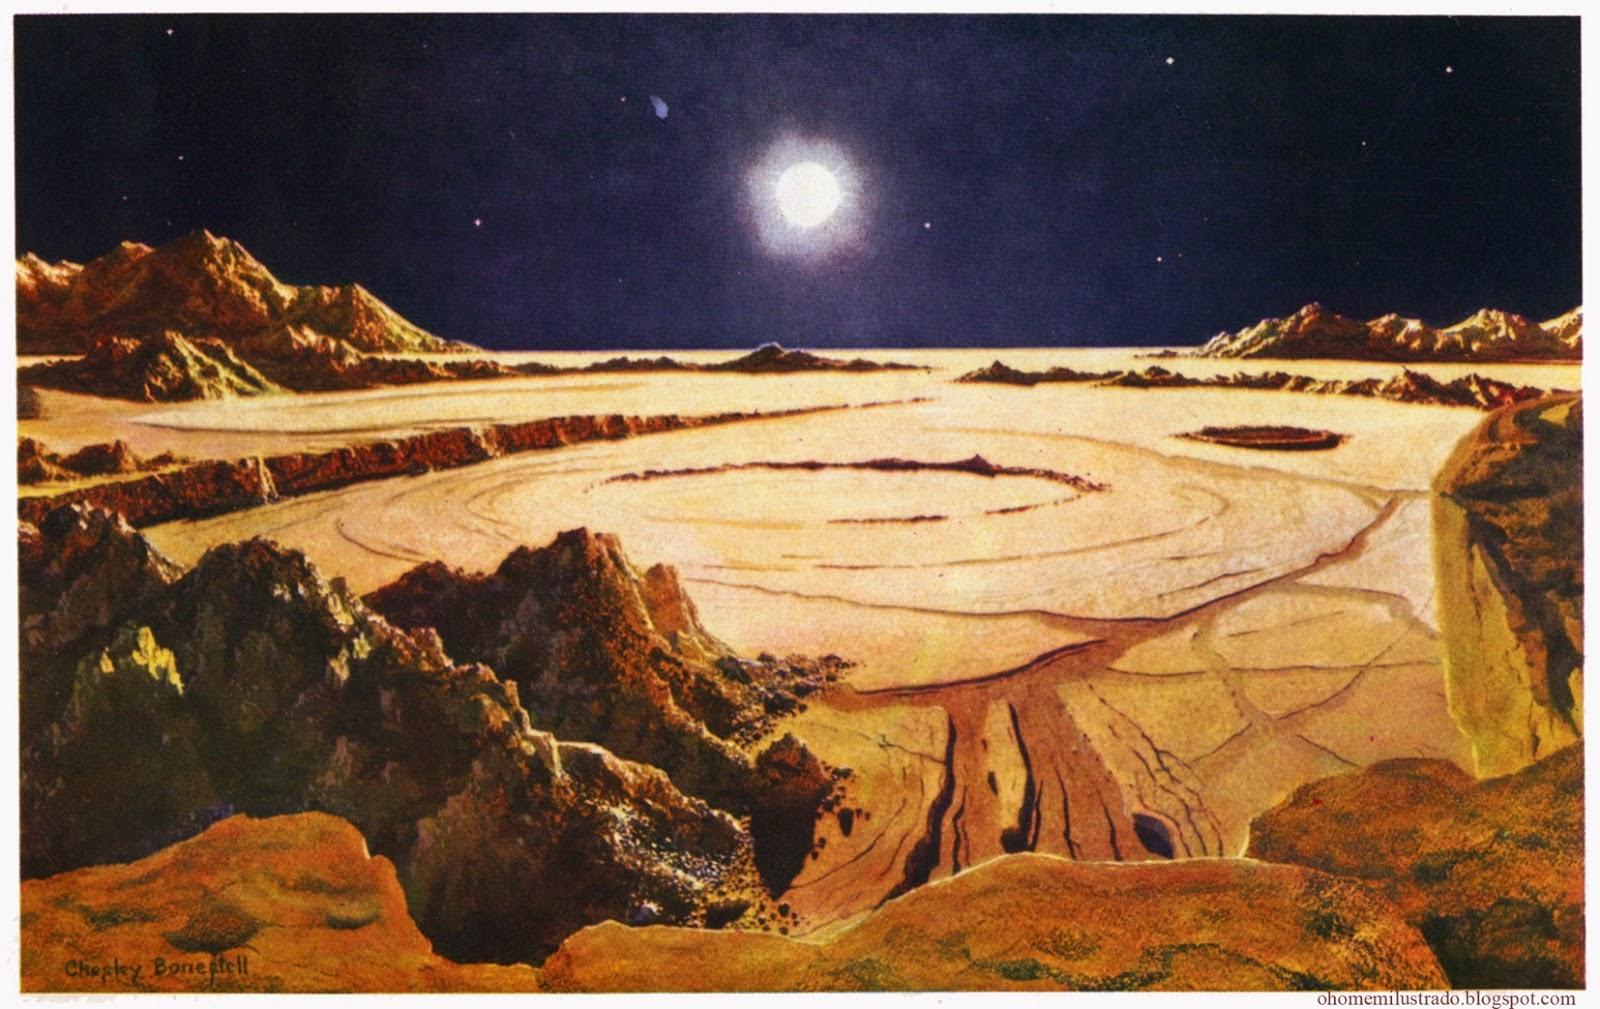 Chesley Bonestell pintura del espacio